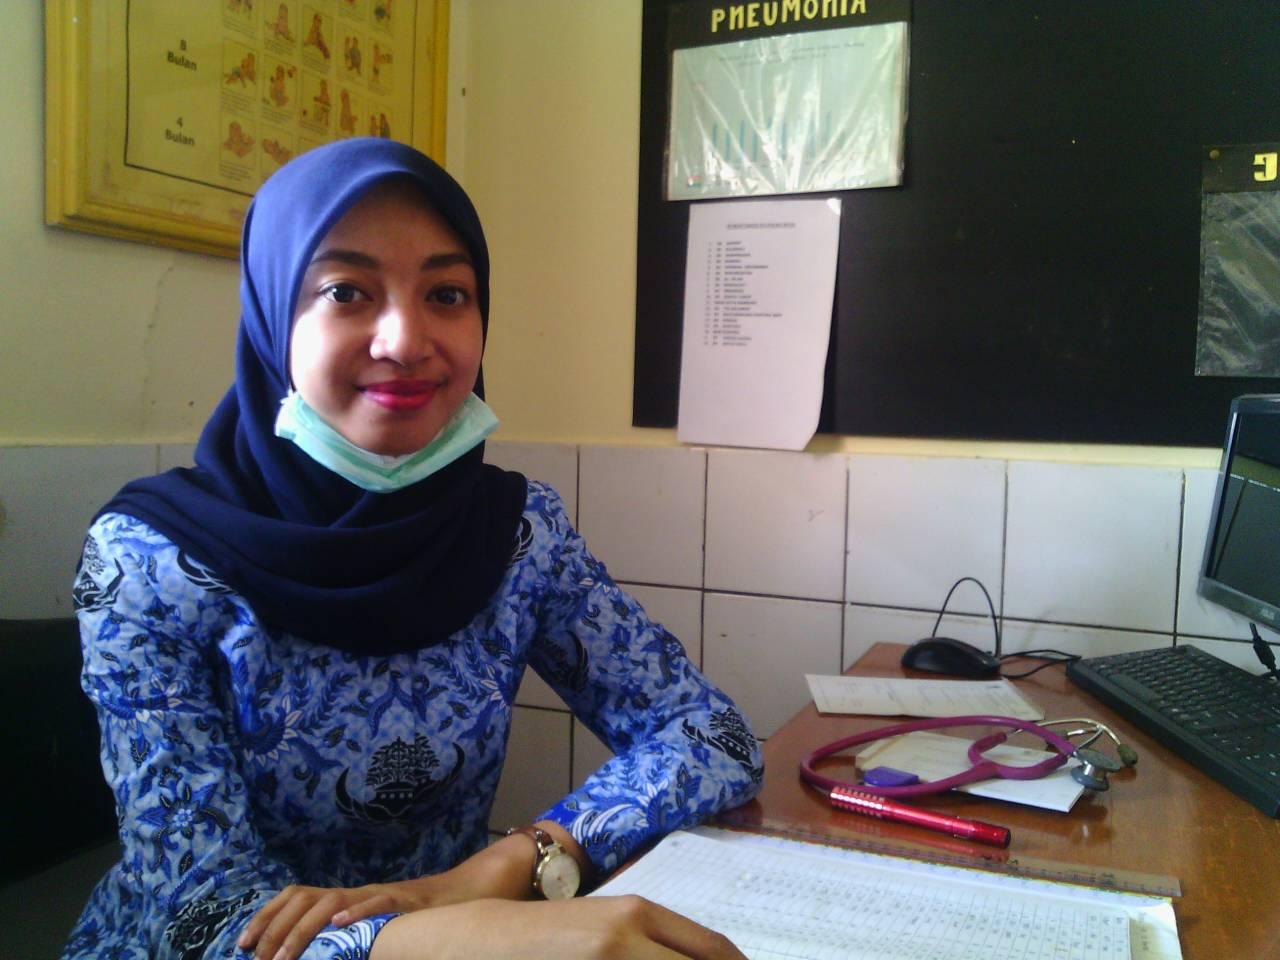 , tempat dimana dokter Rahmi bertugas ( Vida Fatimah Alatas /Magang)